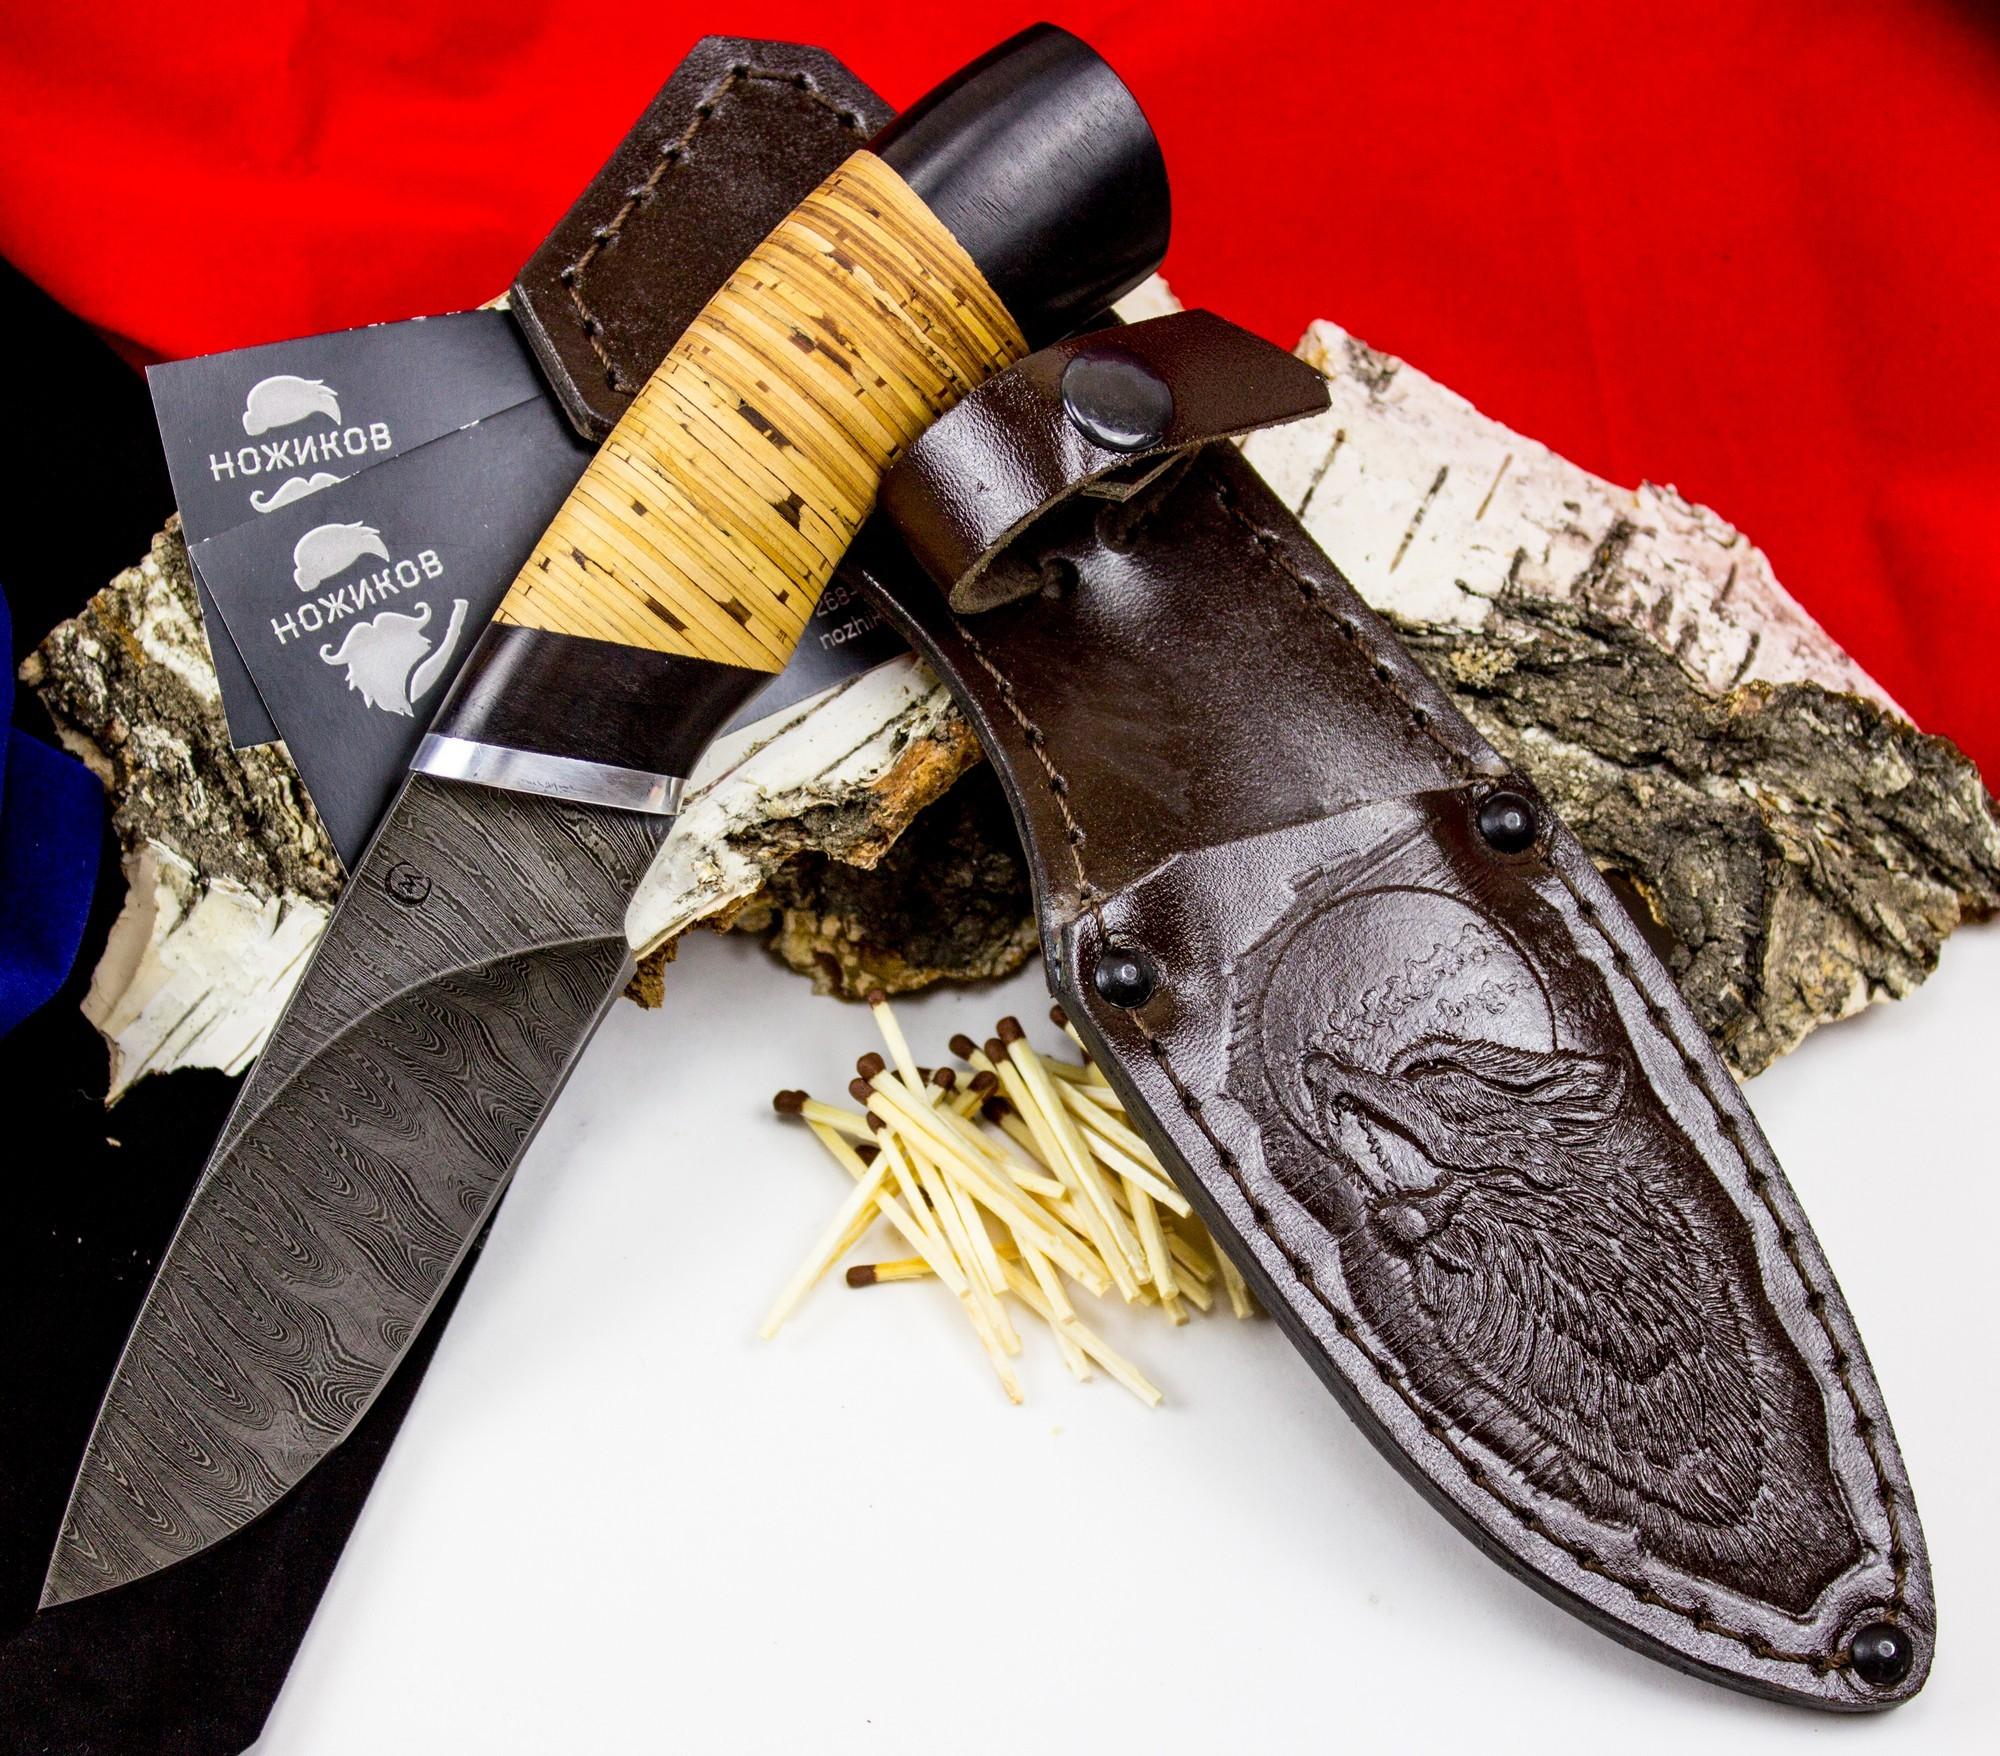 Фото 4 - Нож Разделочный, дамасская сталь от Кузница Семина